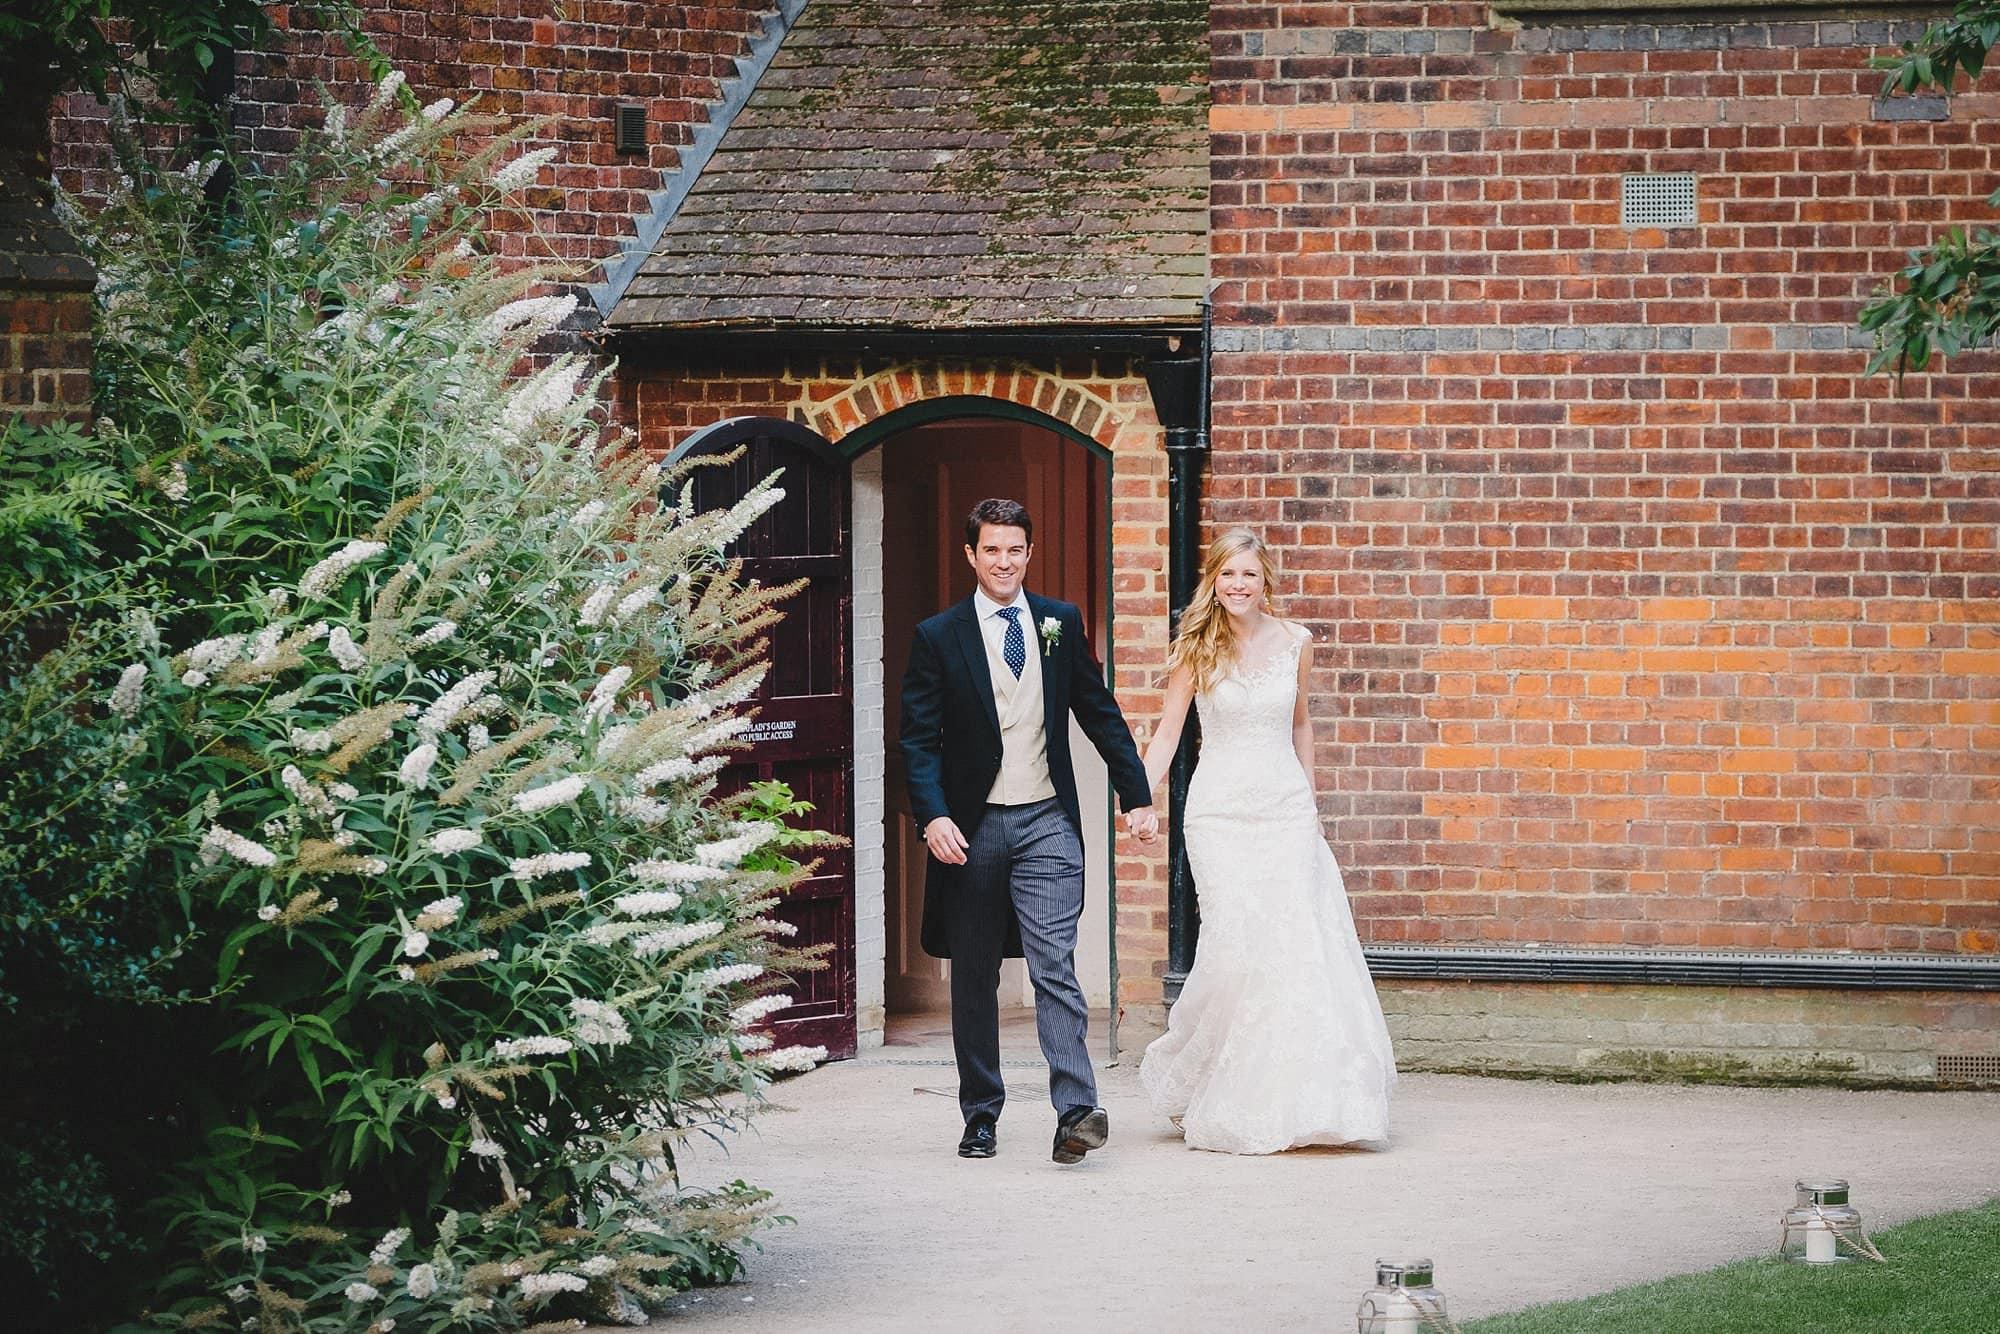 fulham palace wedding photographer 070 - Rosanna & Duncan's Fulham Palace Wedding